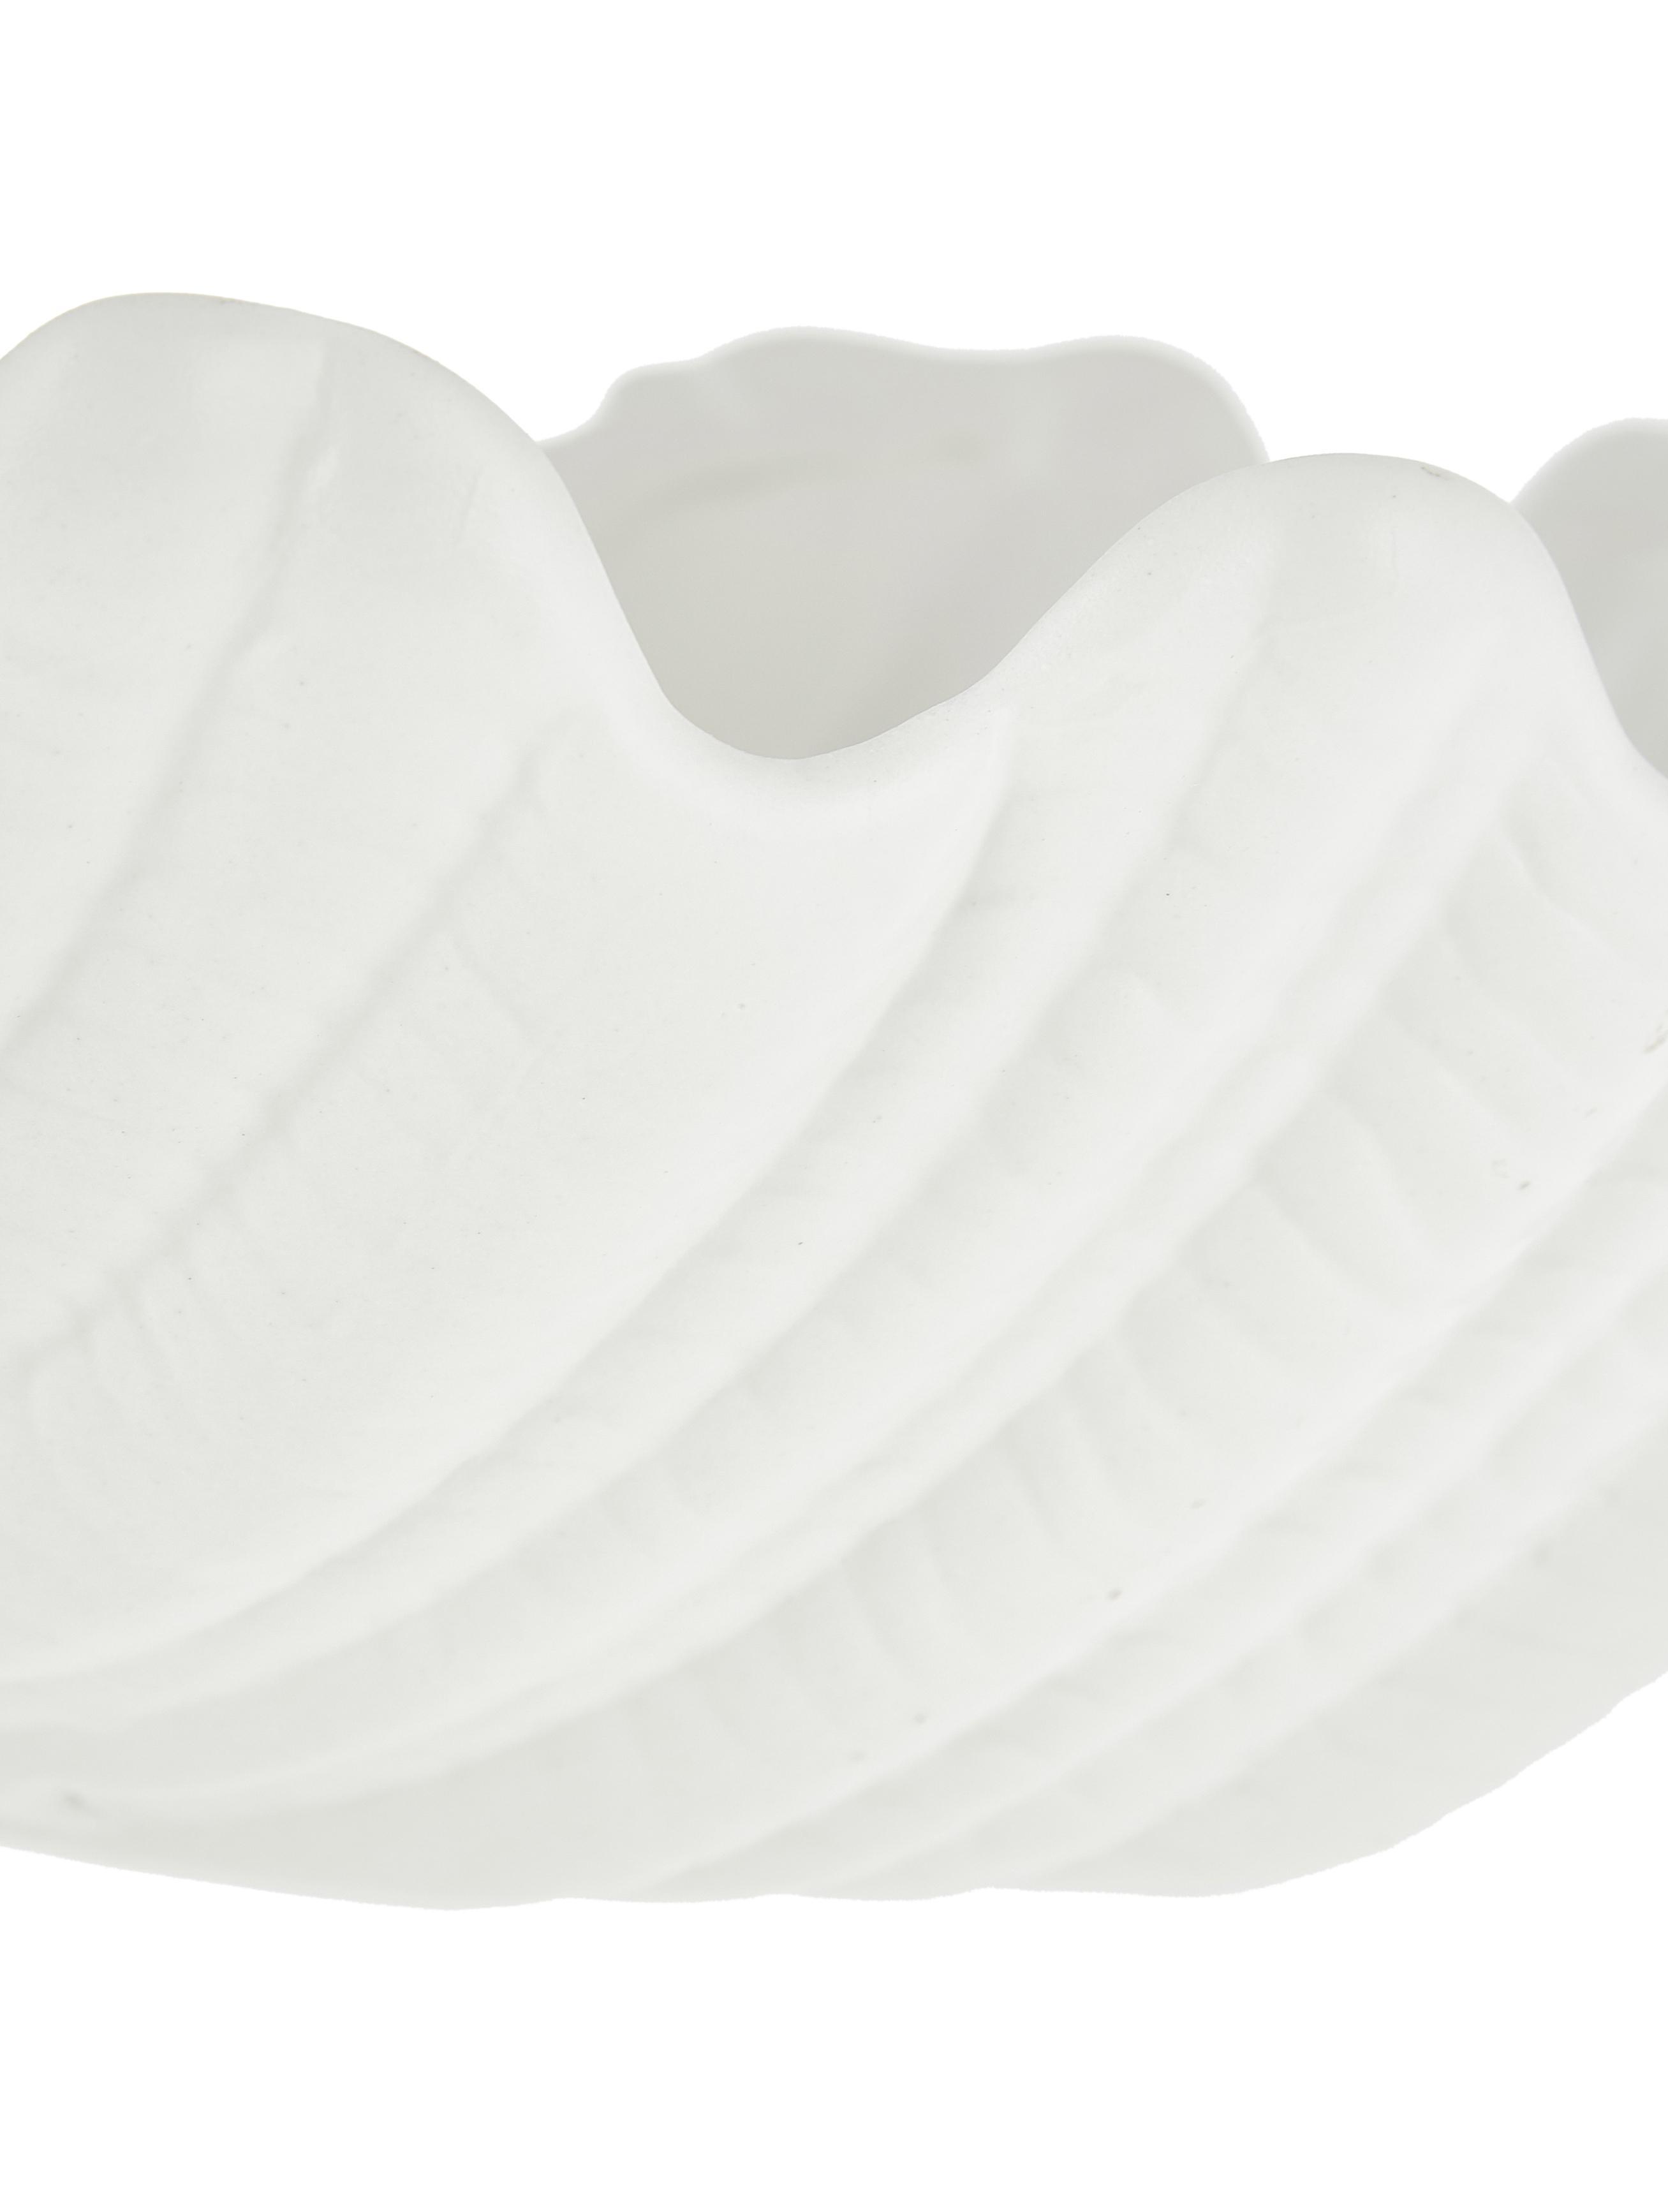 Schale Shell, Keramik, Weiss, Ø 34 x H 9 cm